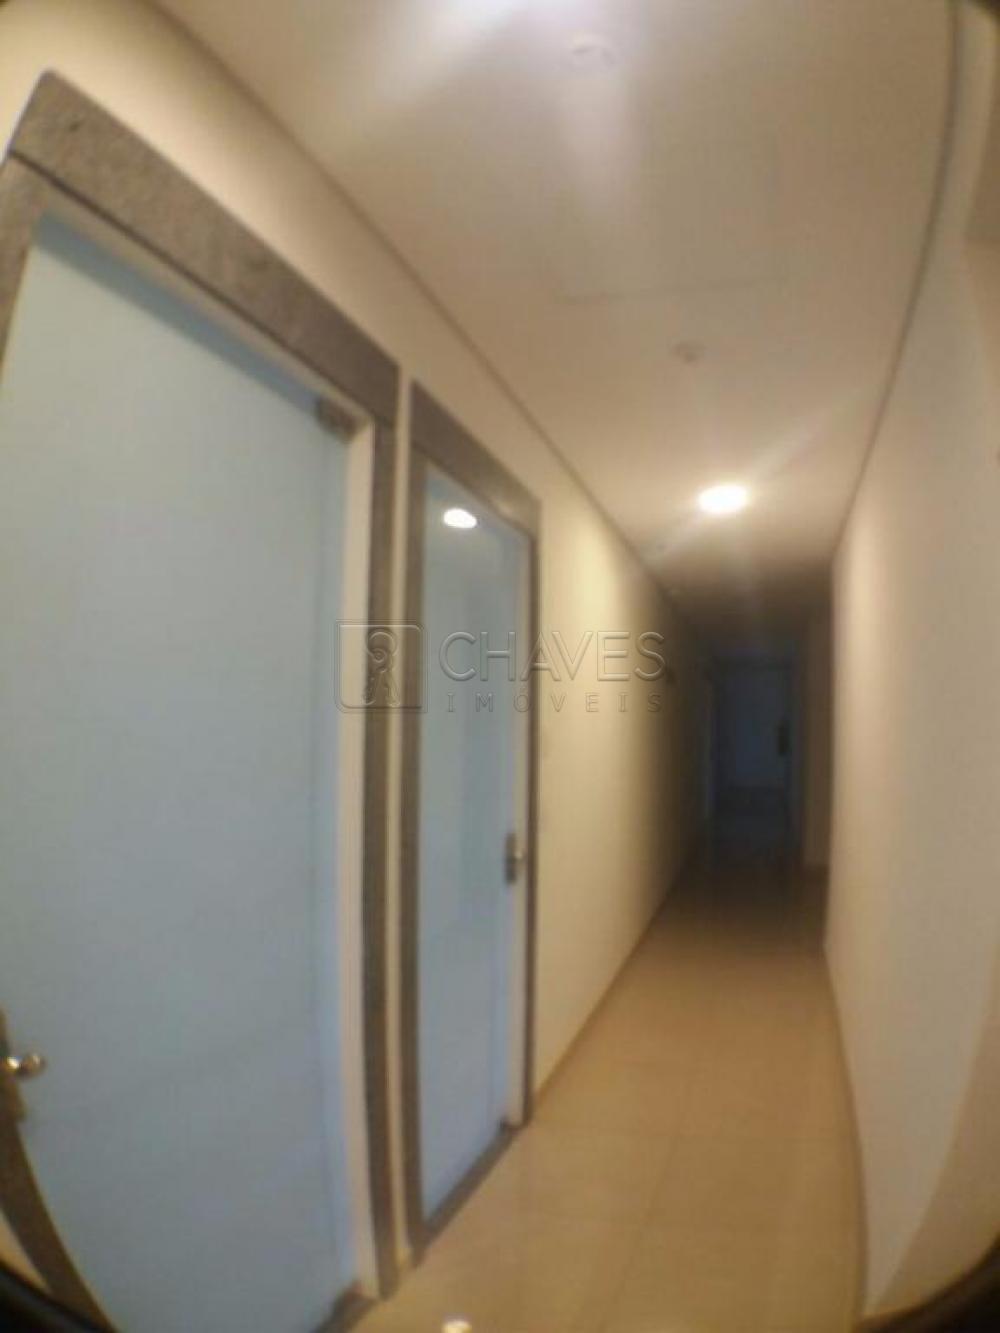 Alugar Comercial / Sala em Condomínio em Ribeirão Preto R$ 1.500,00 - Foto 15